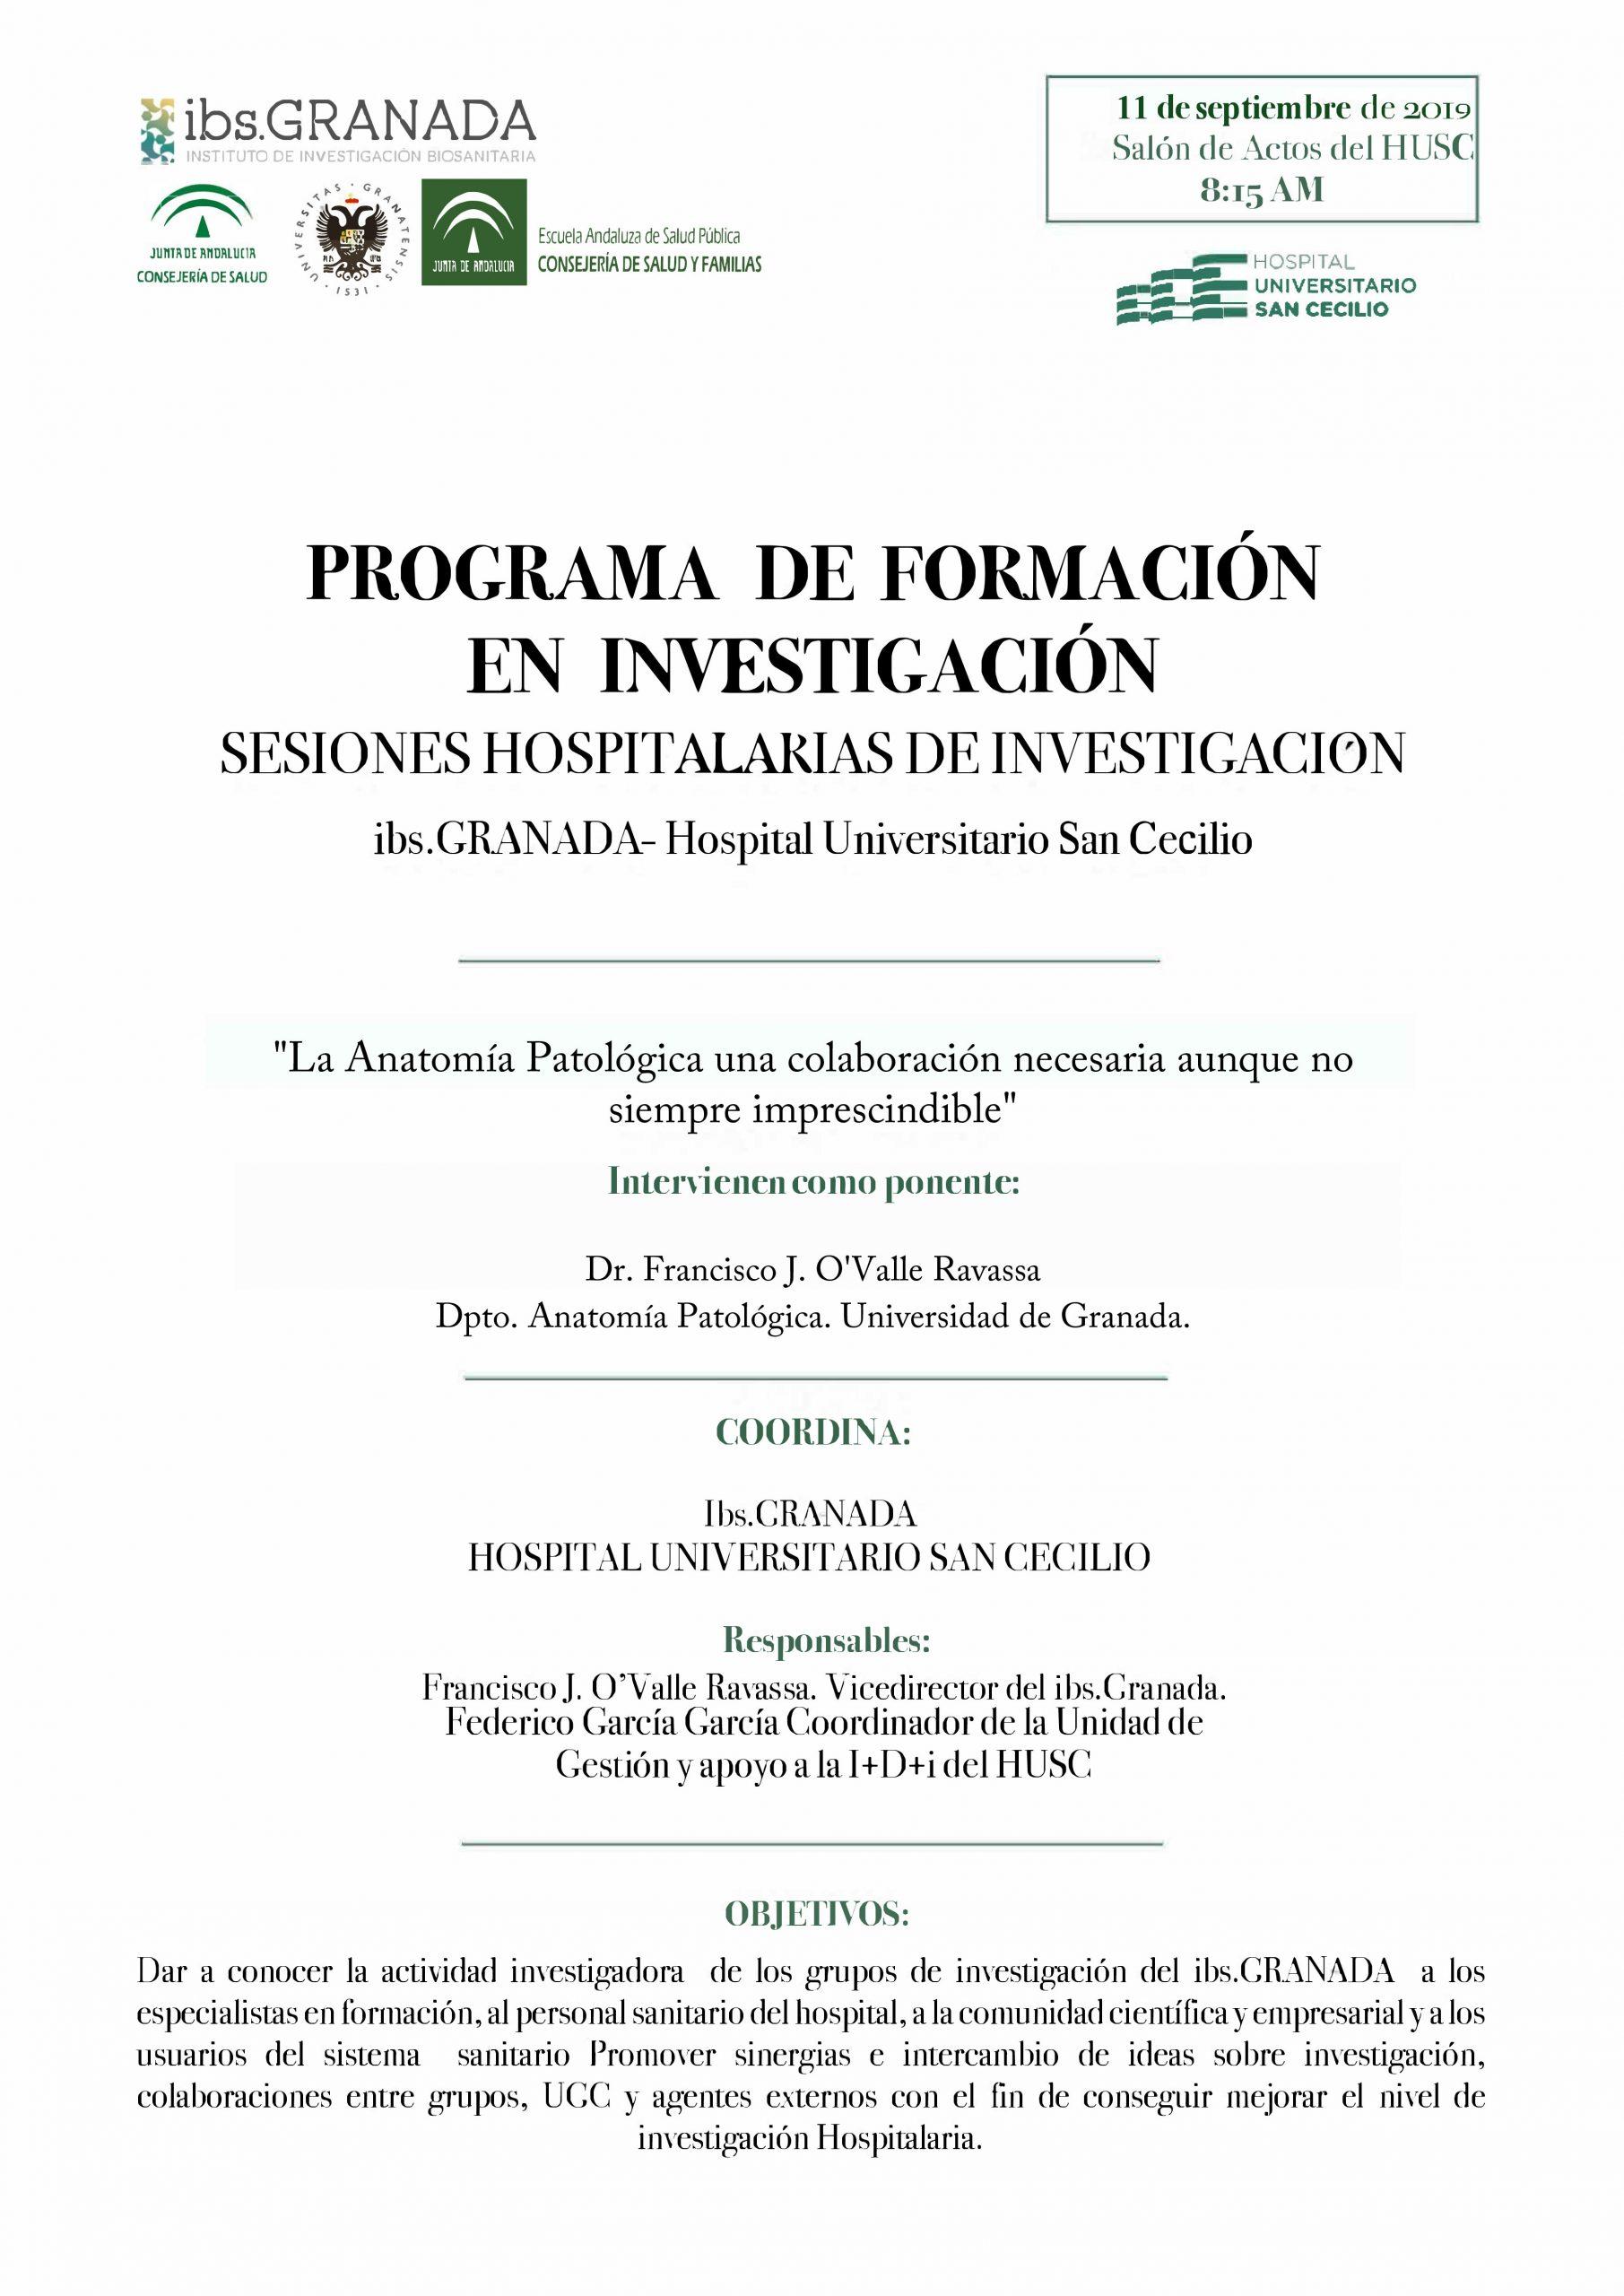 """Sesión Hospitalaria: """"La Anatomía Patológica: una colaboración necesaria, pero no imprescindible"""""""